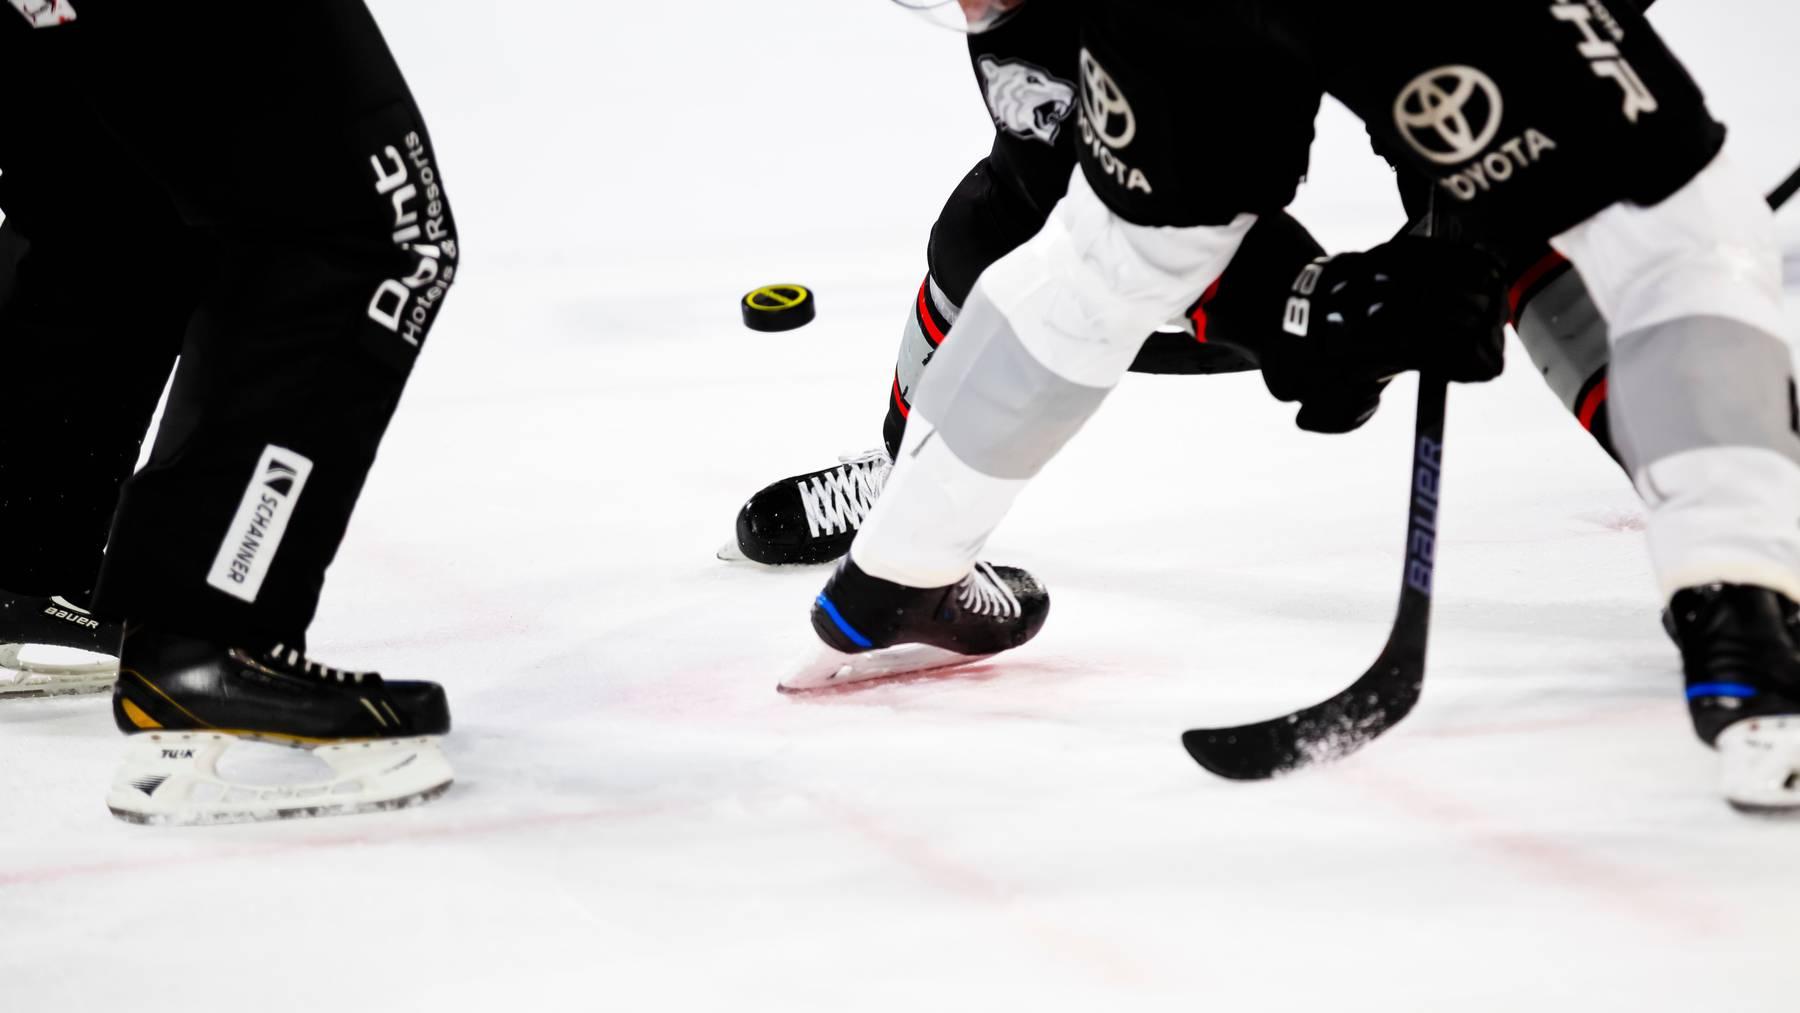 Eishockey_Spieler_Eis_unsplash